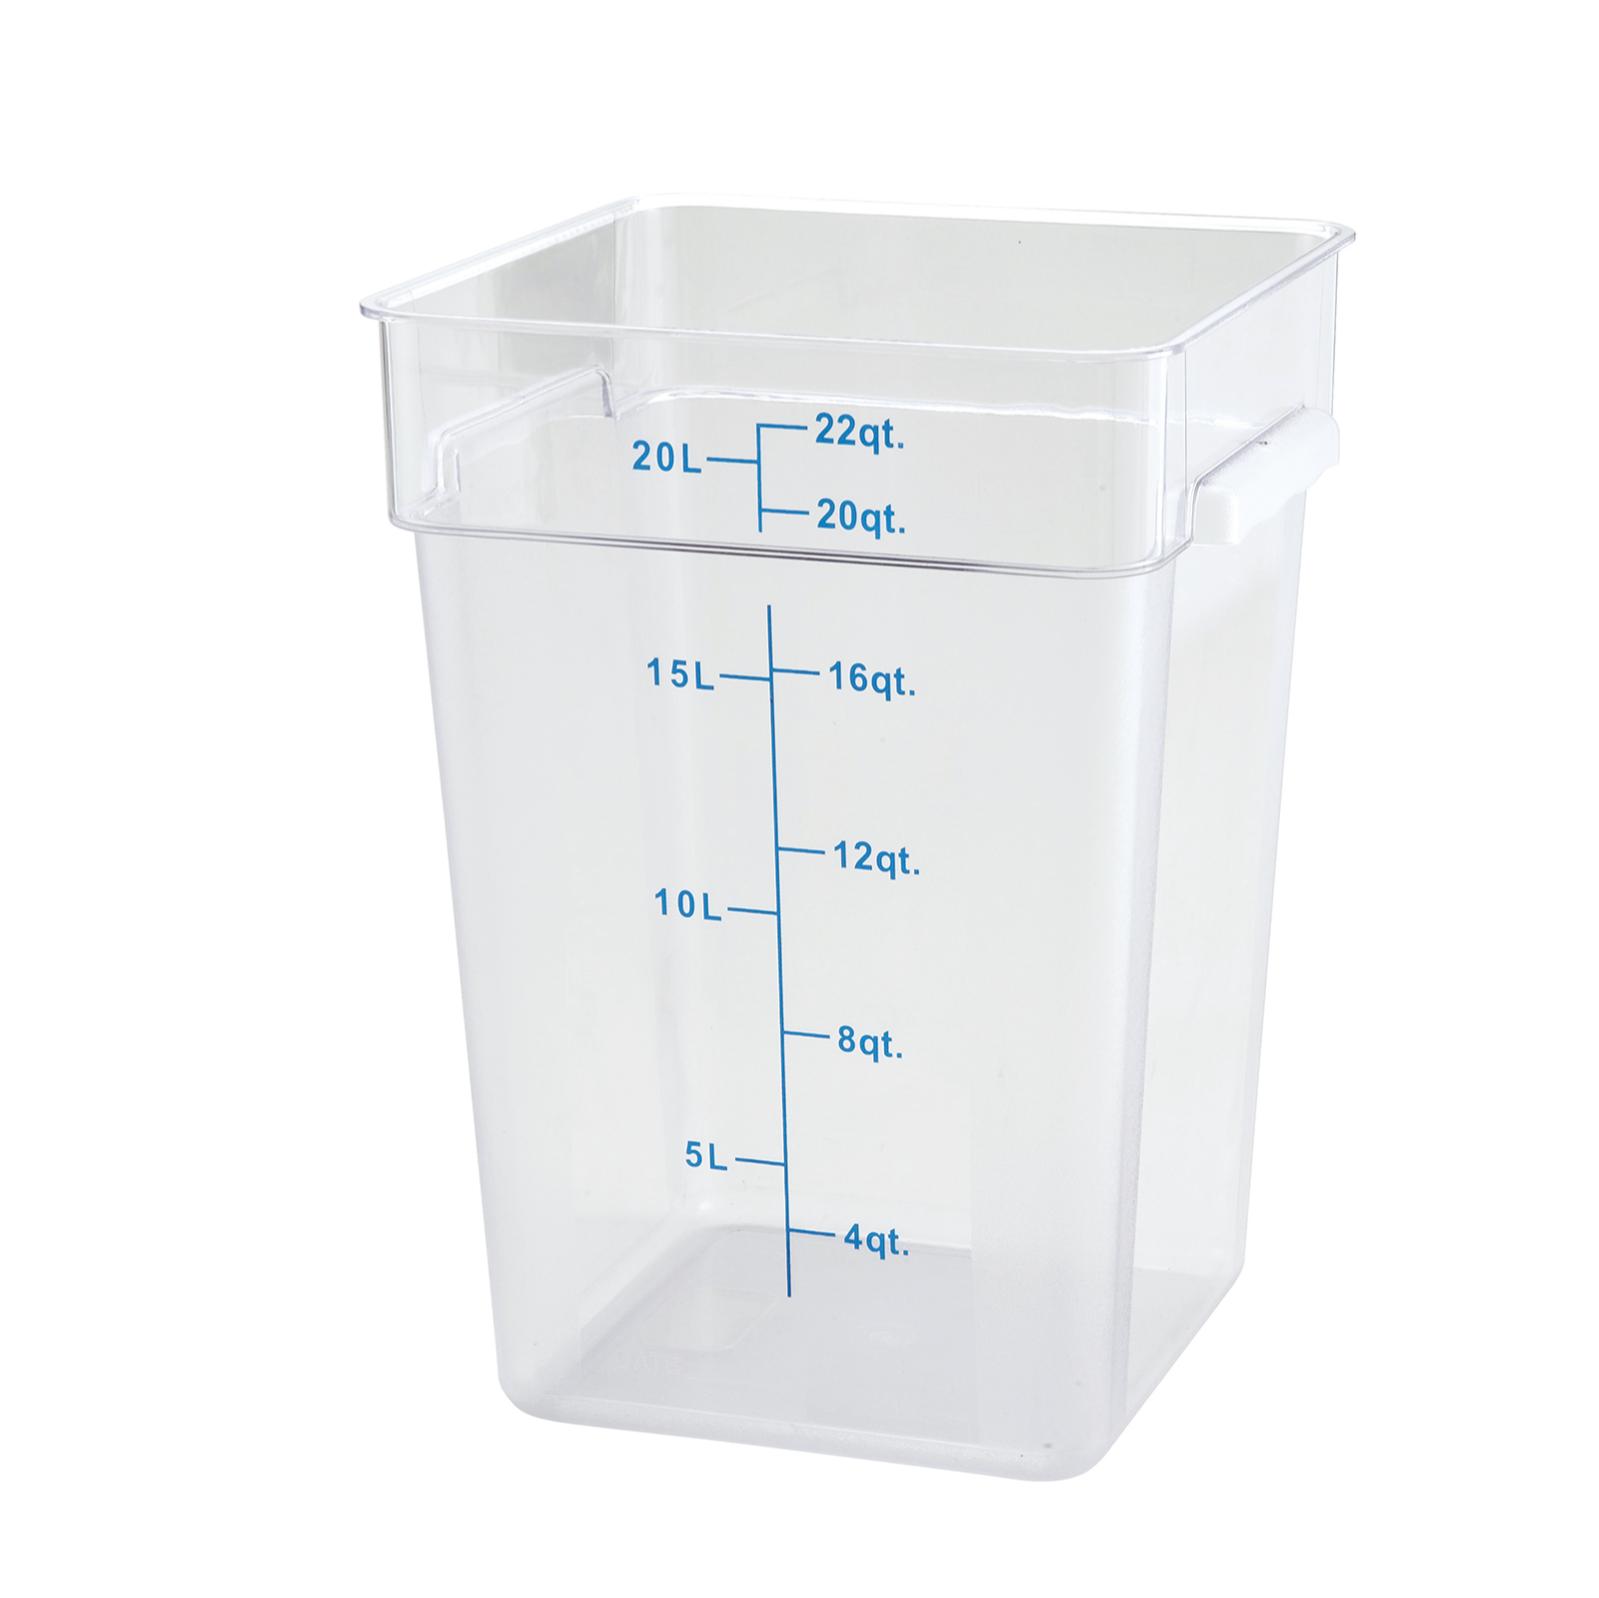 2700-48 Winco 22qt Square Storage Container